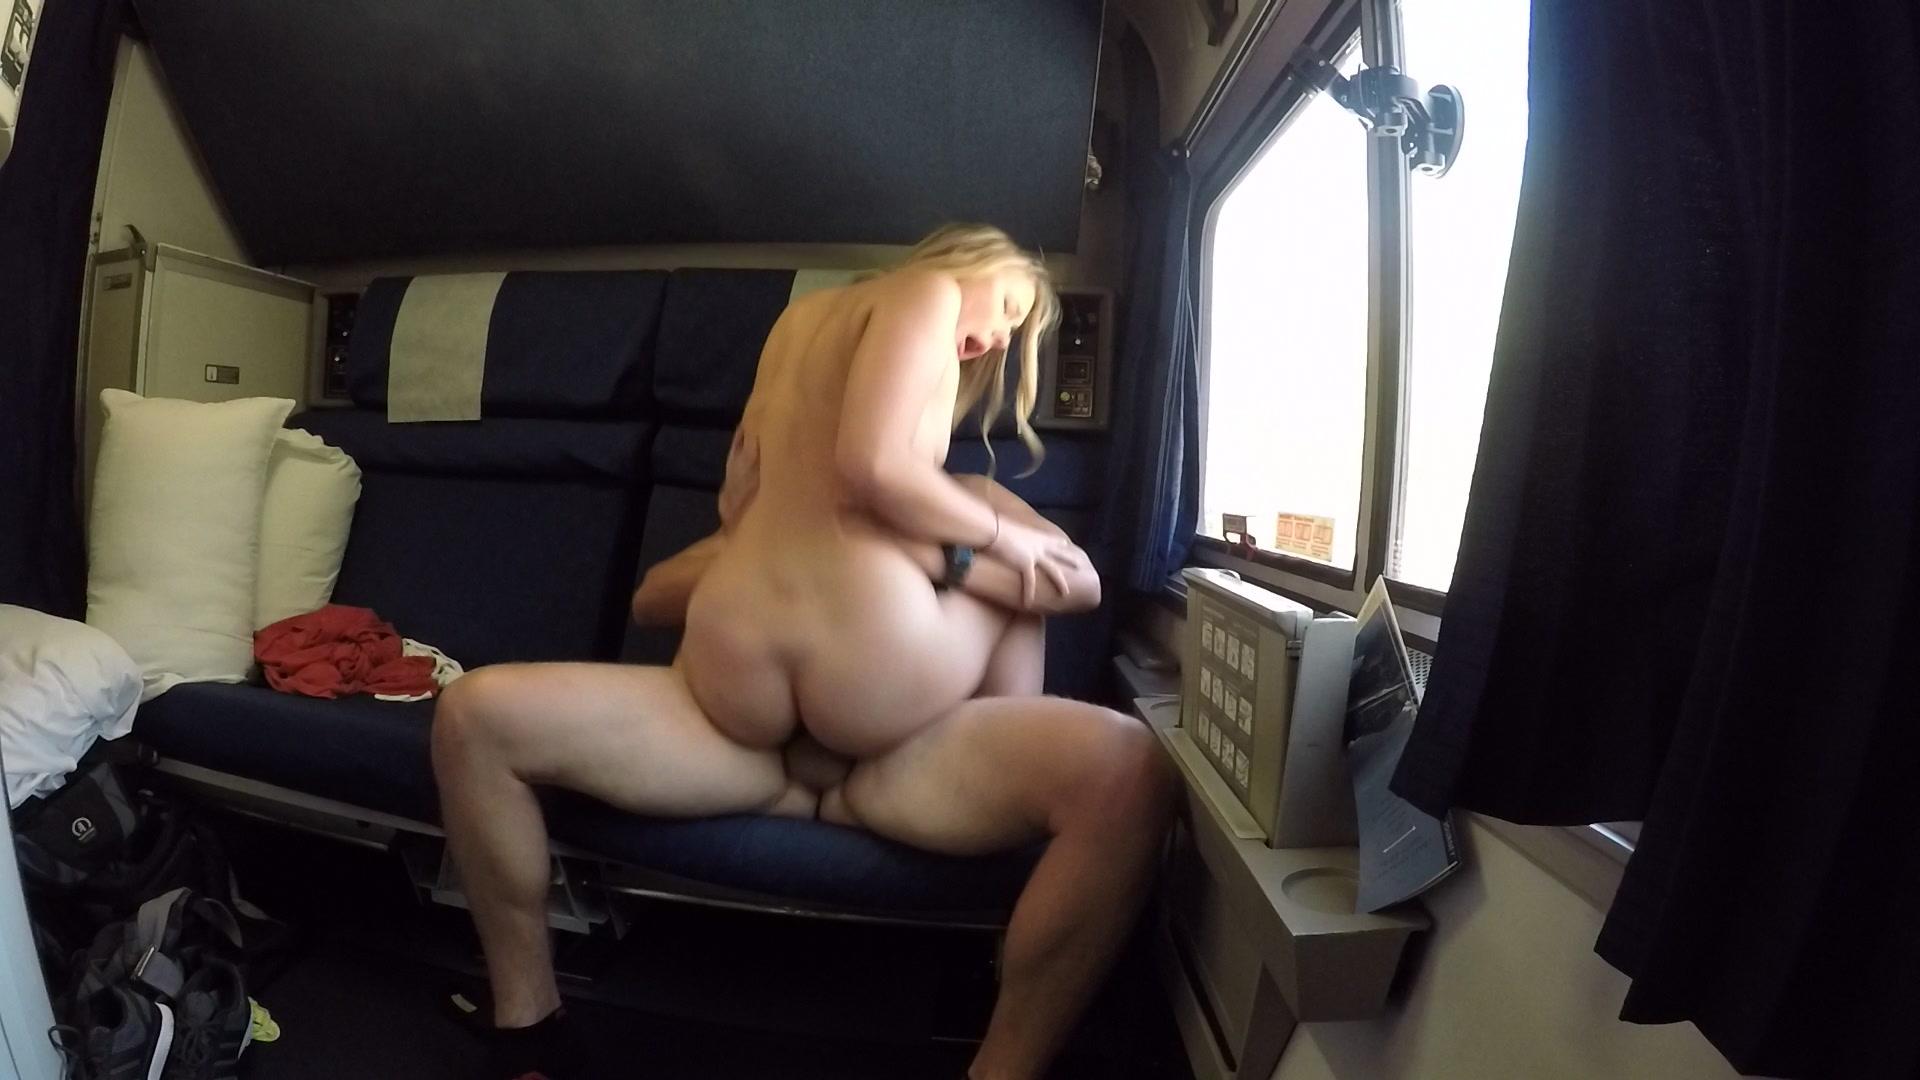 Случай в электричке порно, россии домашнее втроем порно